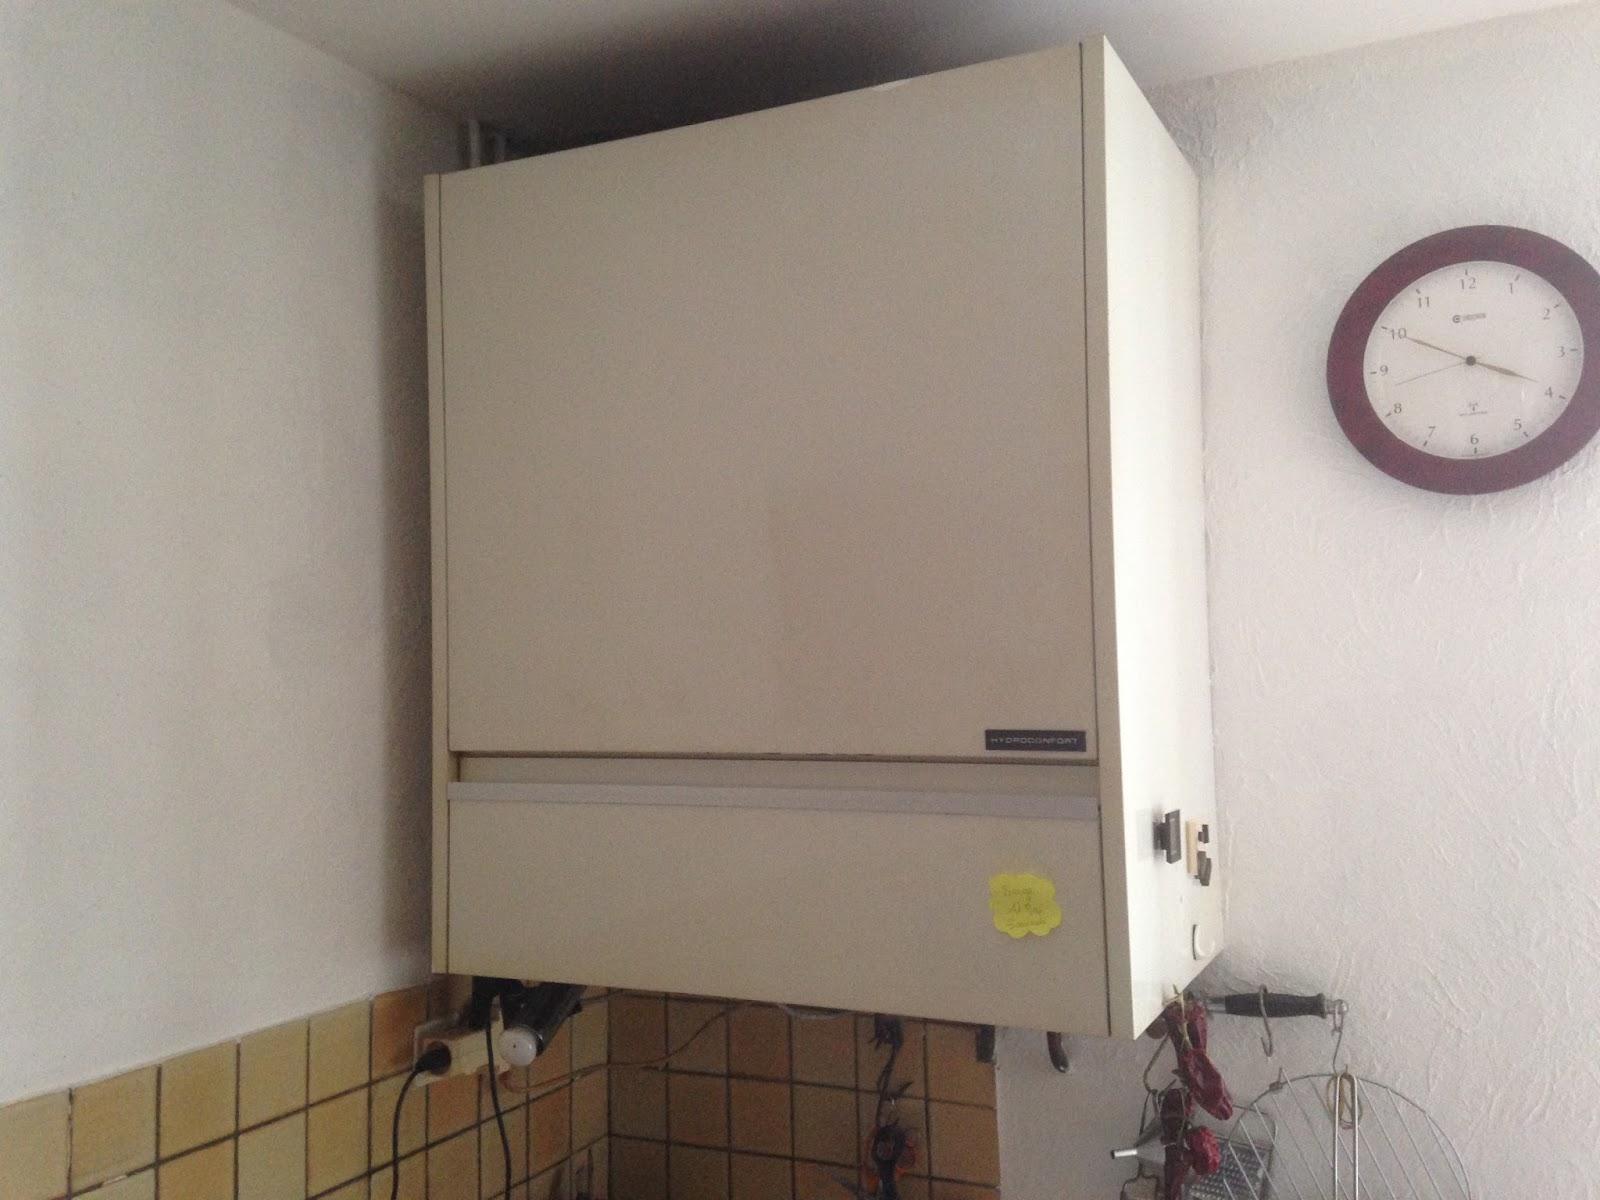 Alc plomberie changement chaudi re gaz plan de travail for Changement de chaudiere a gaz